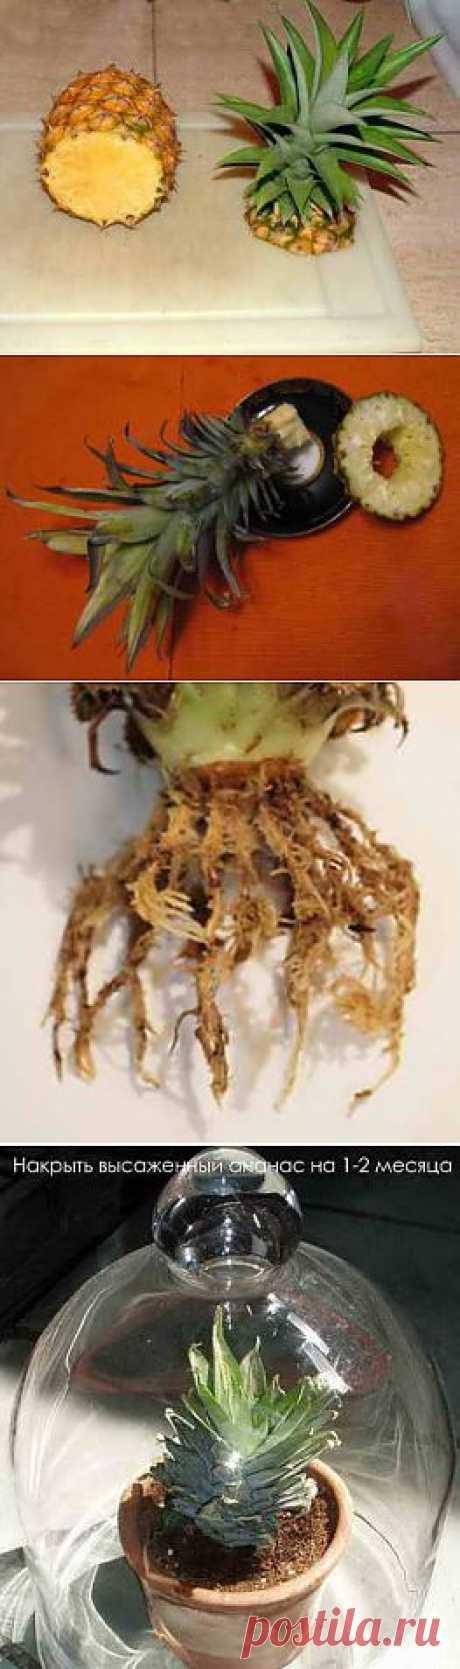 Два способа как вырастить ананас в домашних условиях   Дача - впрок